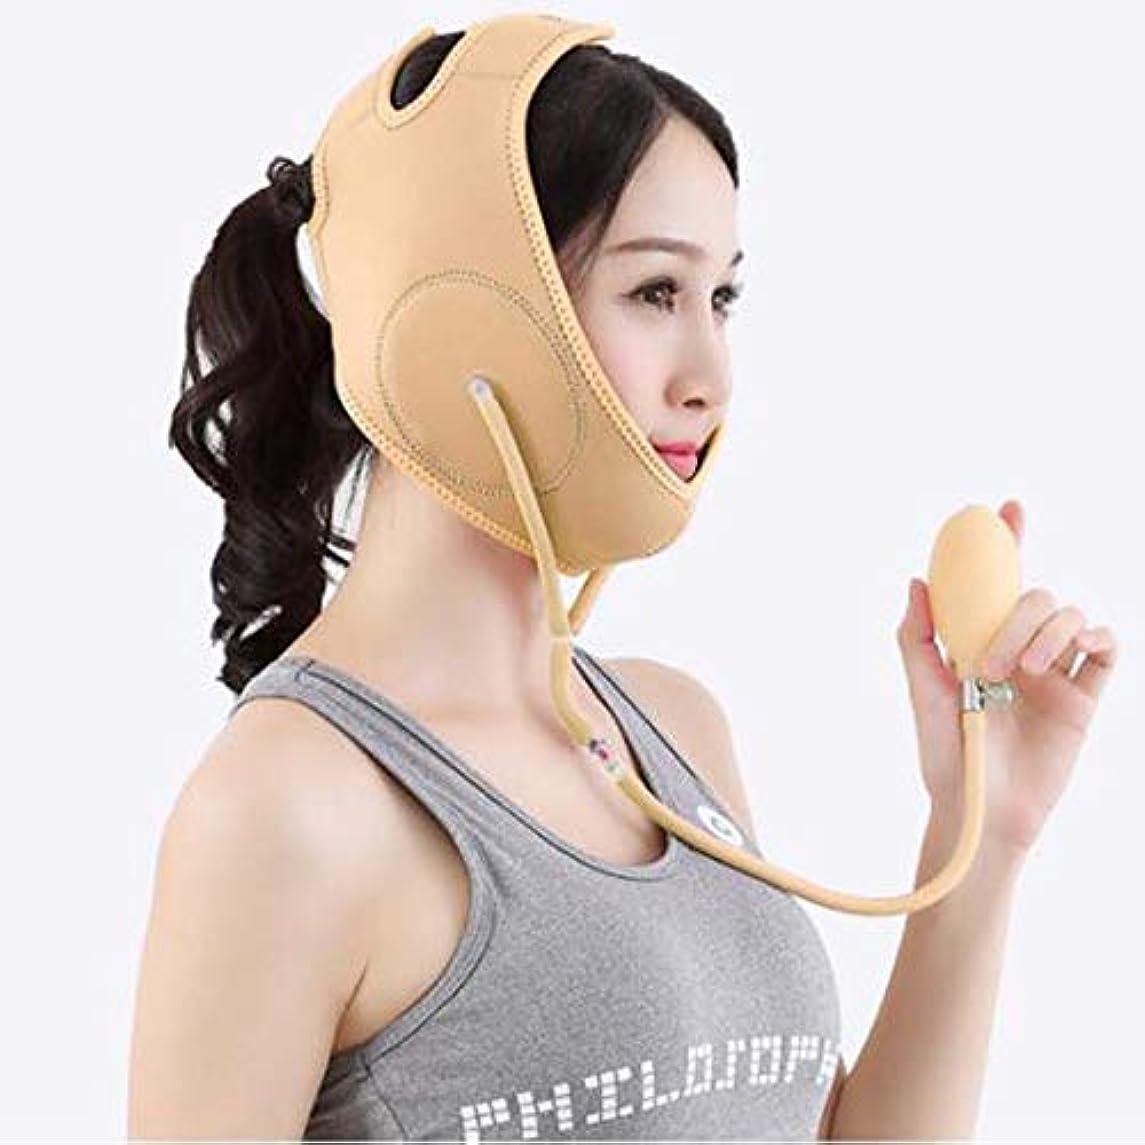 赤道モーテル間に合わせMinmin フェイシャルリフティング痩身ベルトダブルエアバッグ圧力調整フェイス包帯マスク整形マスクが顔を引き締める みんみんVラインフェイスマスク (Color : Beige, Size : M)